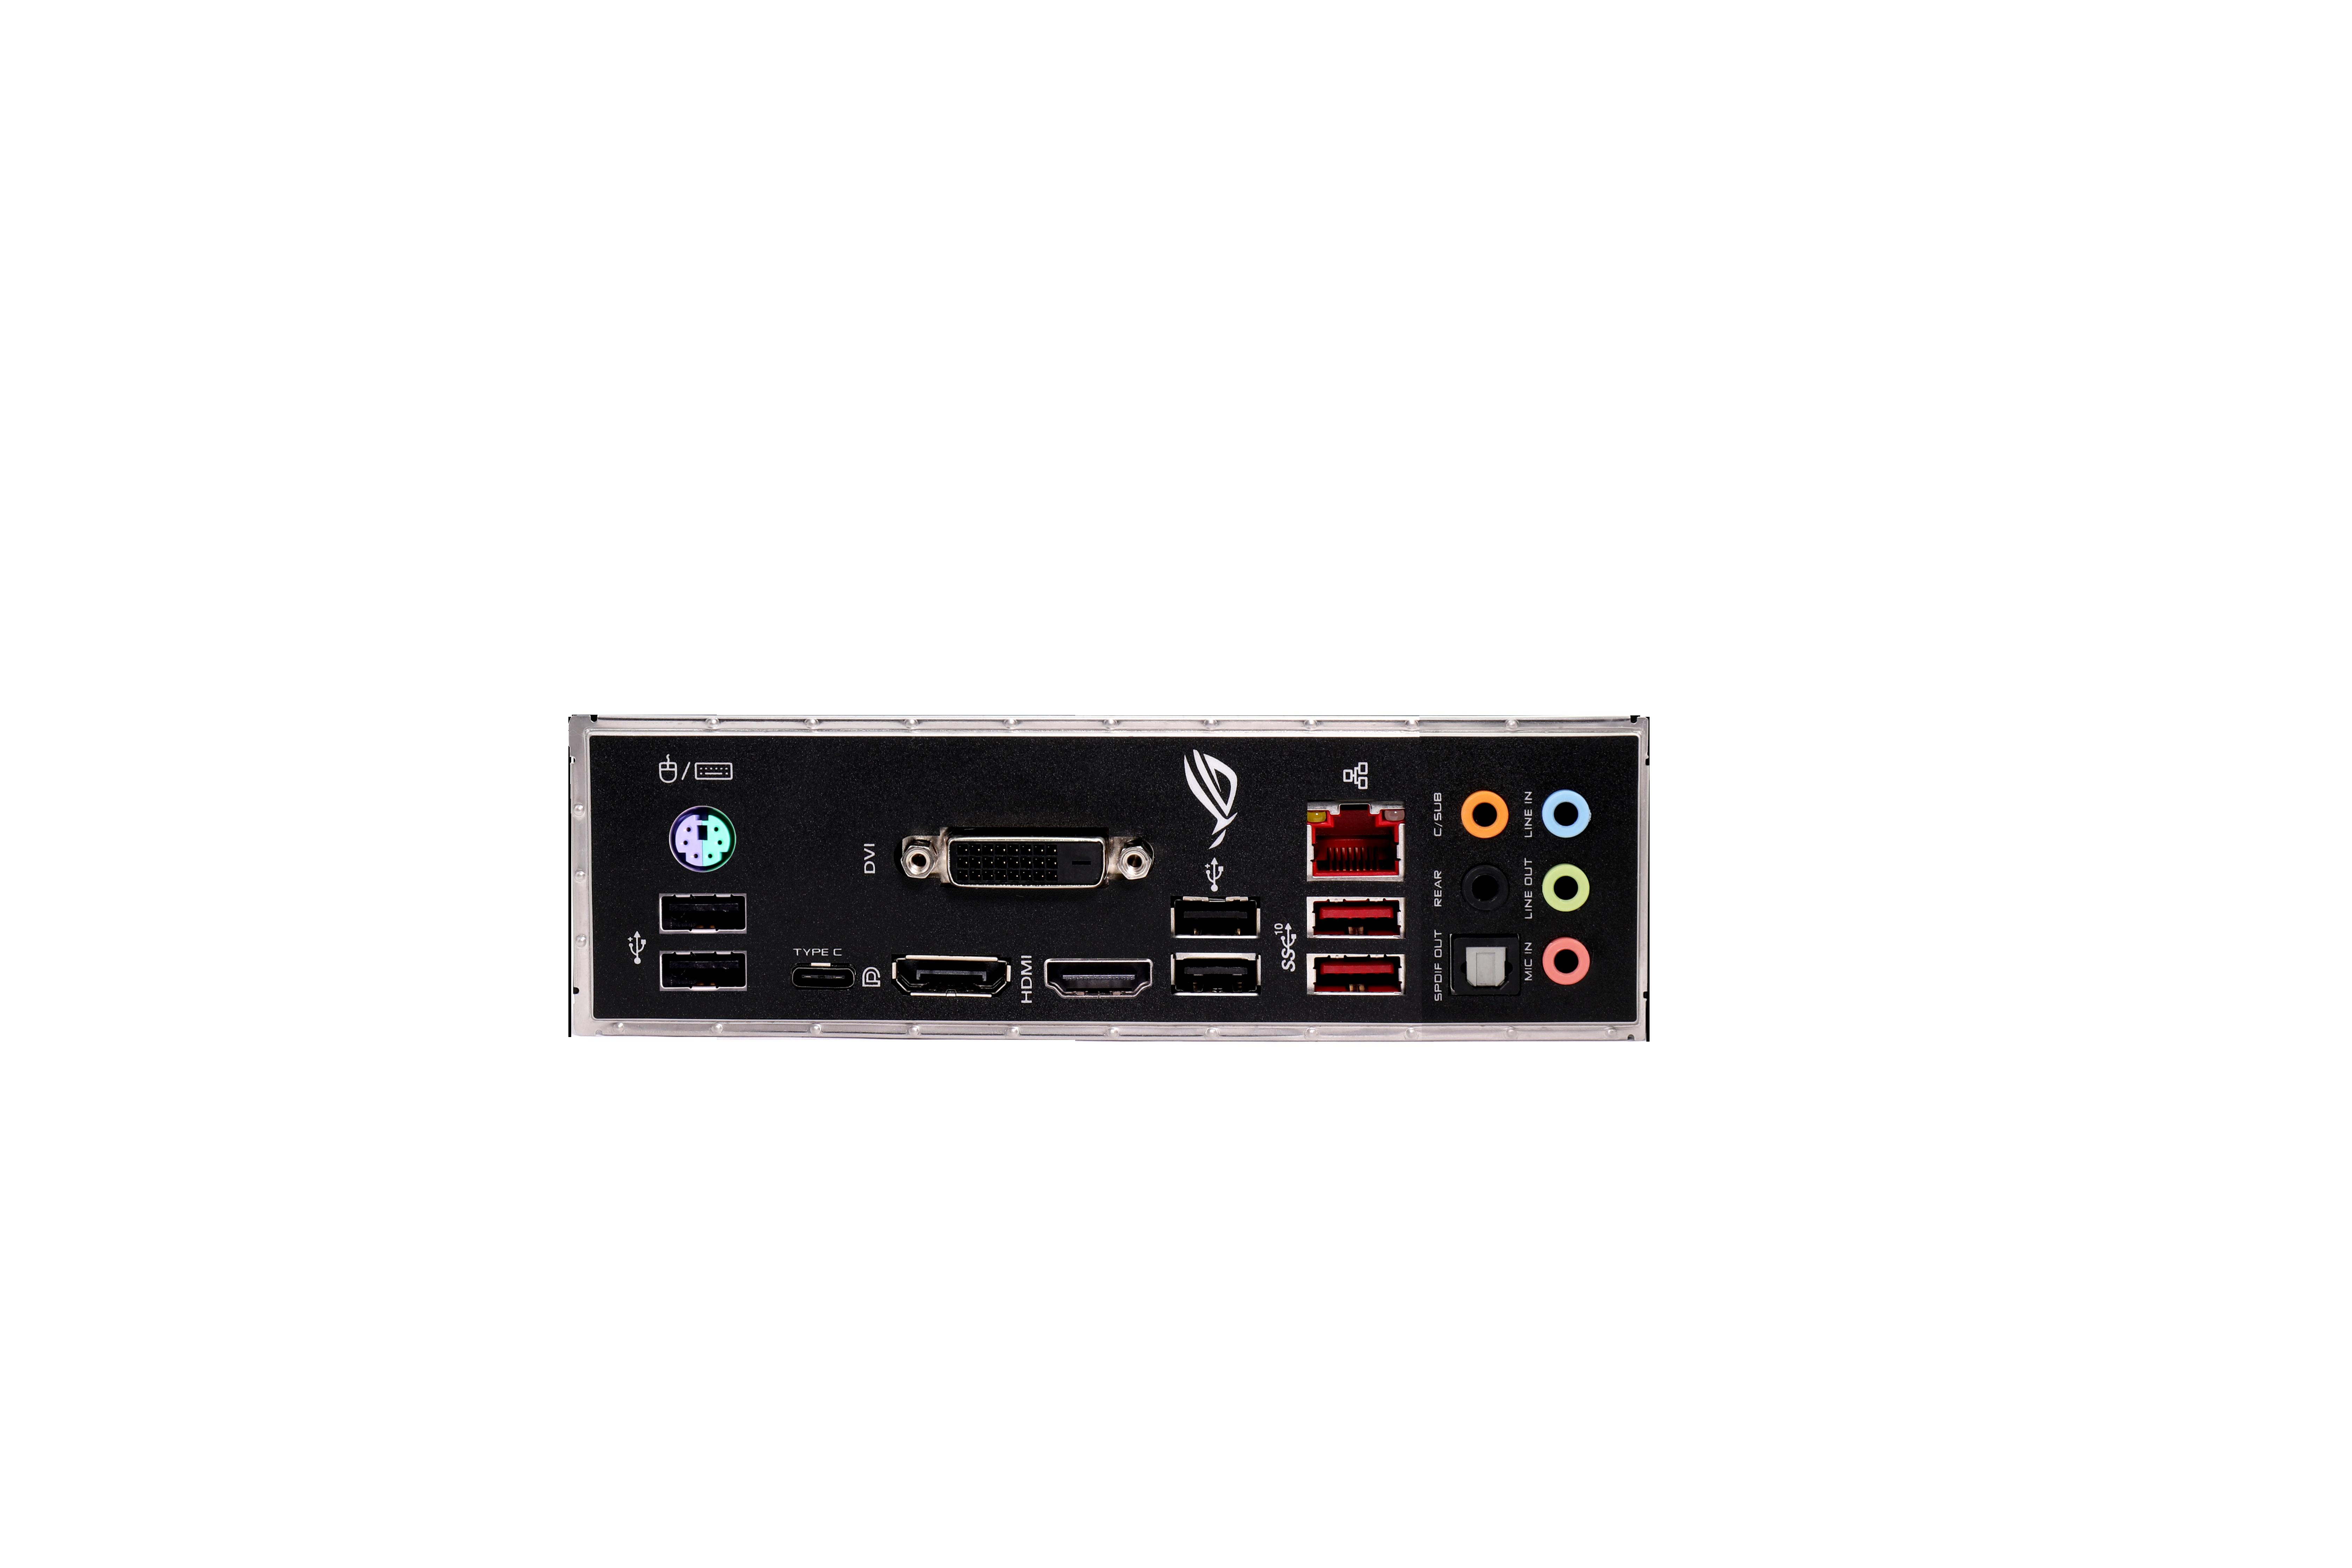 ASUS ROG STRIX B360-F GAMING LGA1151v2